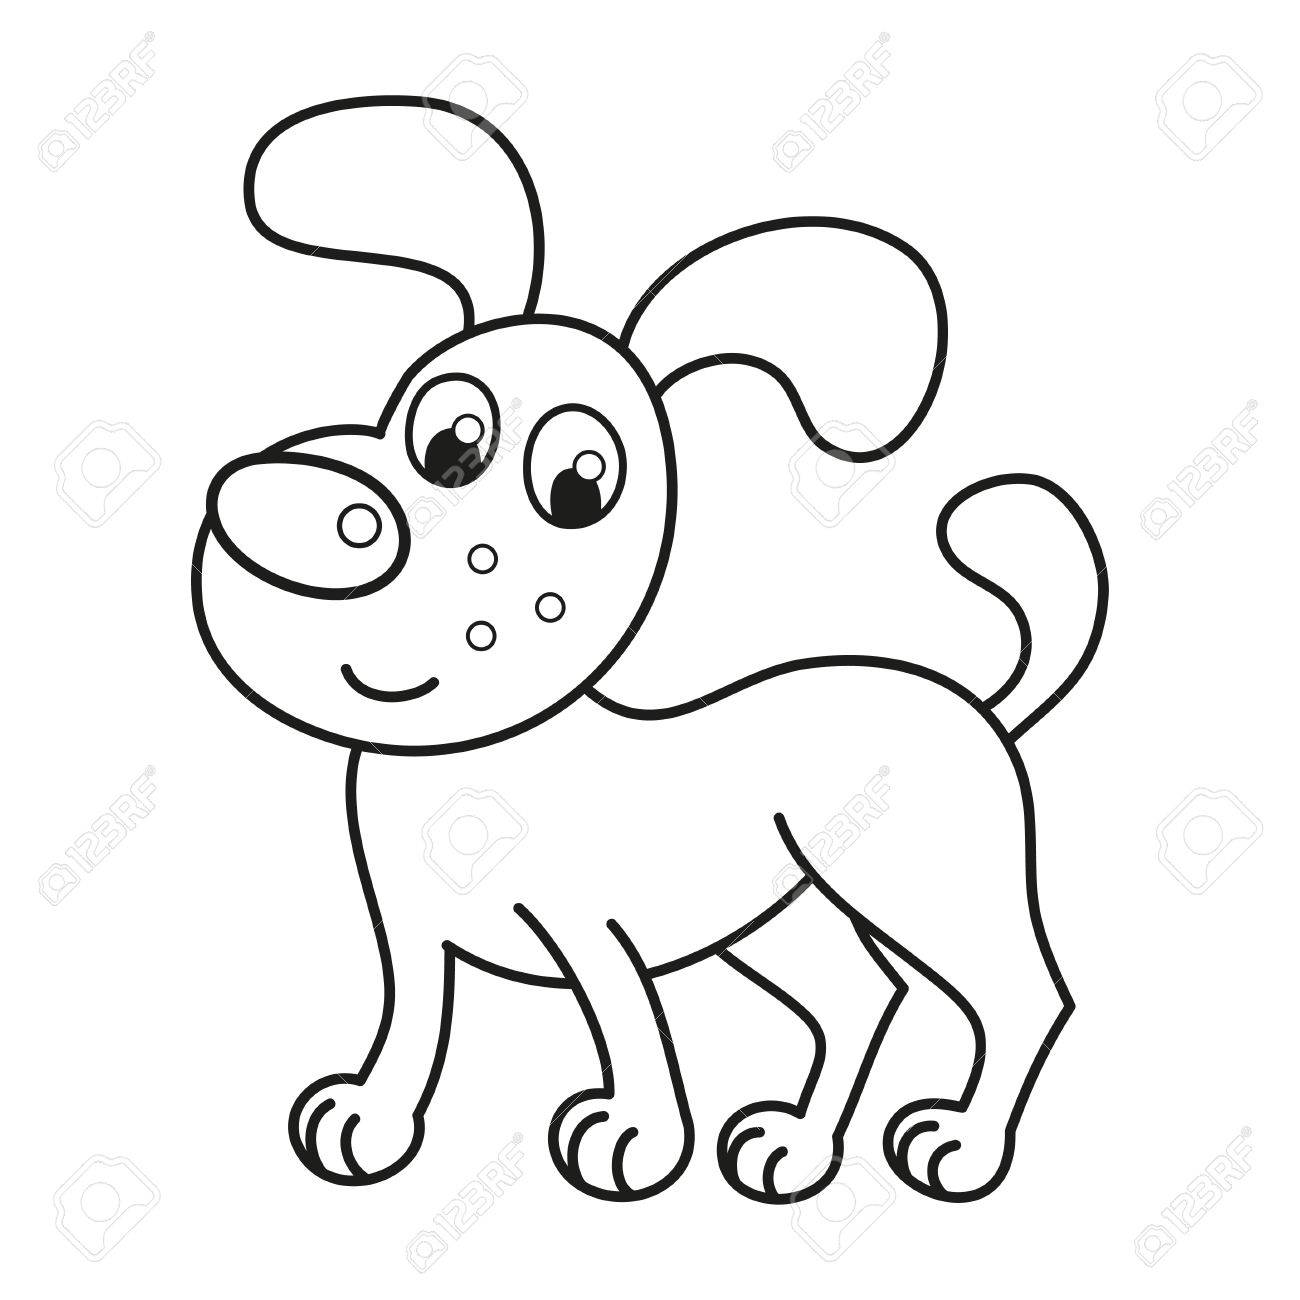 Cachorro De Dibujos Animados Sonriente, Ilustración Vectorial De ...